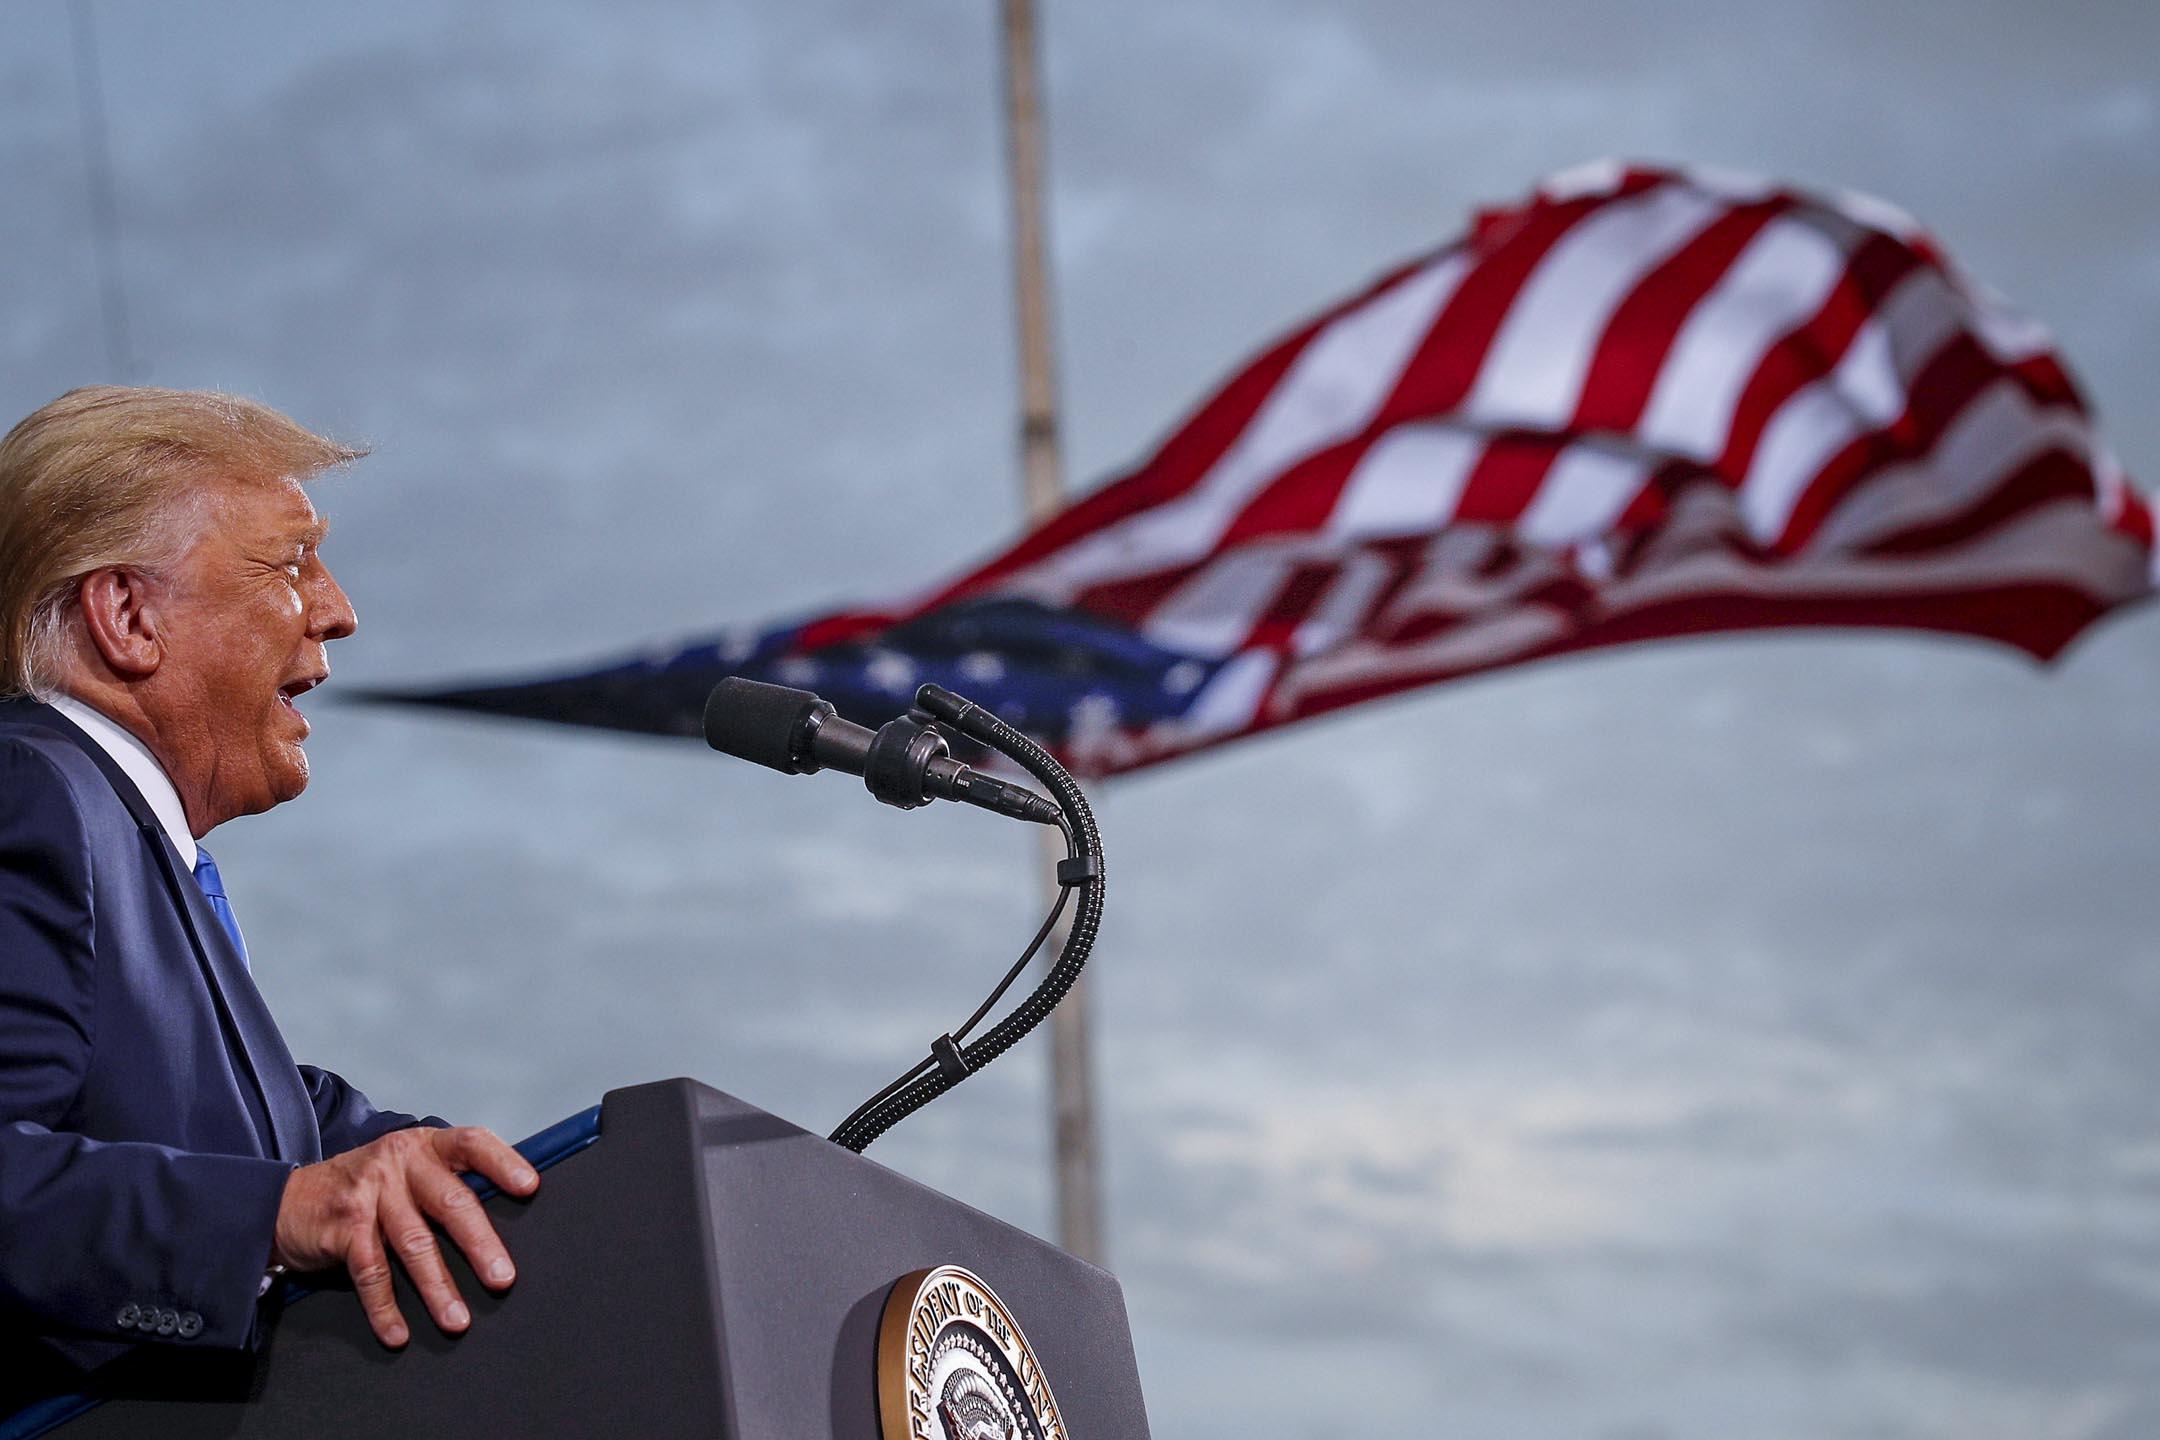 2020年9月24日,美國總統特朗普在佛羅里達州的塞西爾機場舉行的競選集會上發表講話。 攝:Tom Brenner/Reuters/達志影像